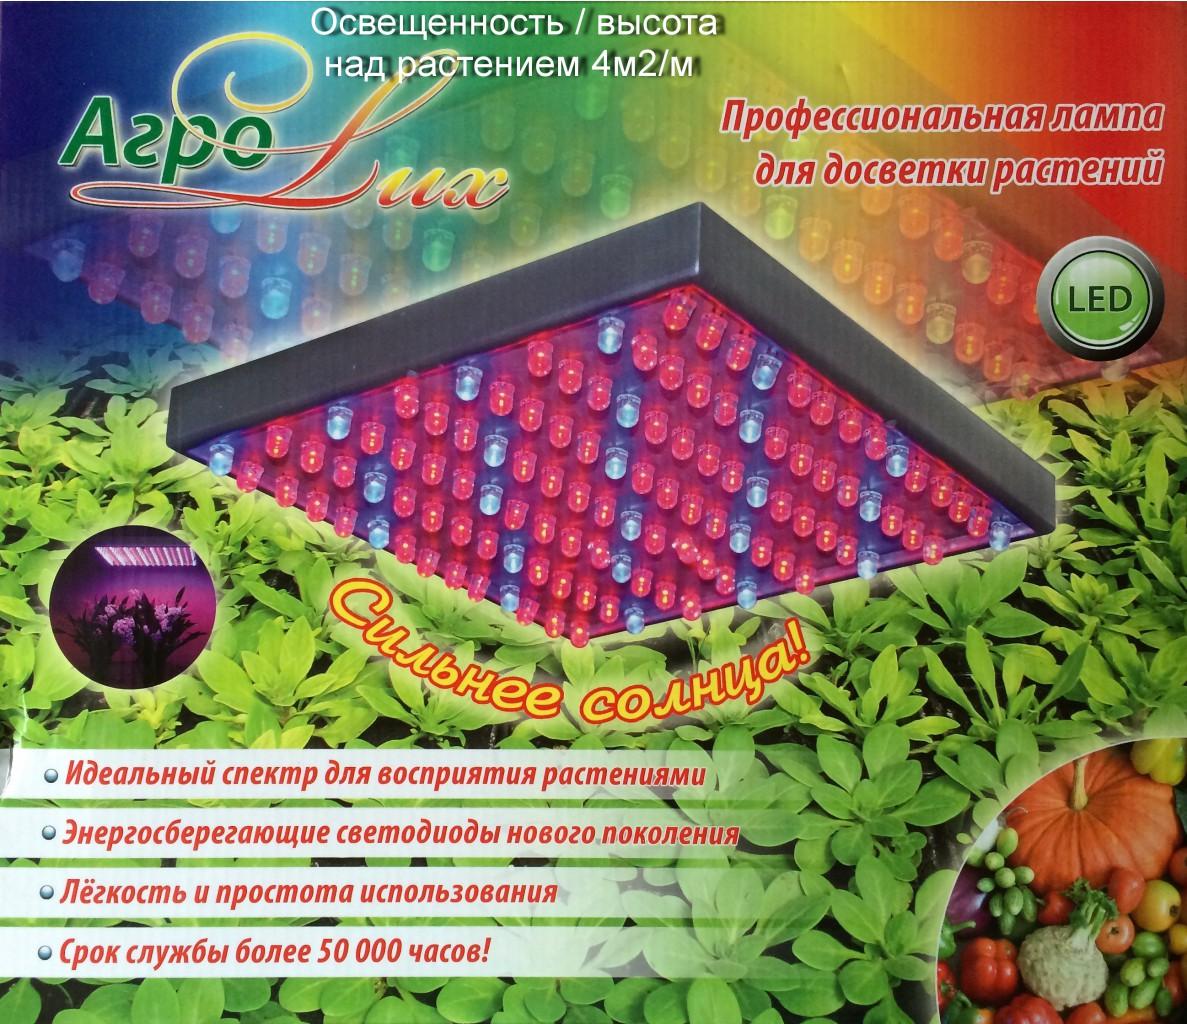 Экспресс сбор. РуССкий огоро-13. Распродажа. Профессиональные Специализированные Фитолампы для подсвечивания рассады - растений с красно-синем спектром светодиодов. Количество ограничено